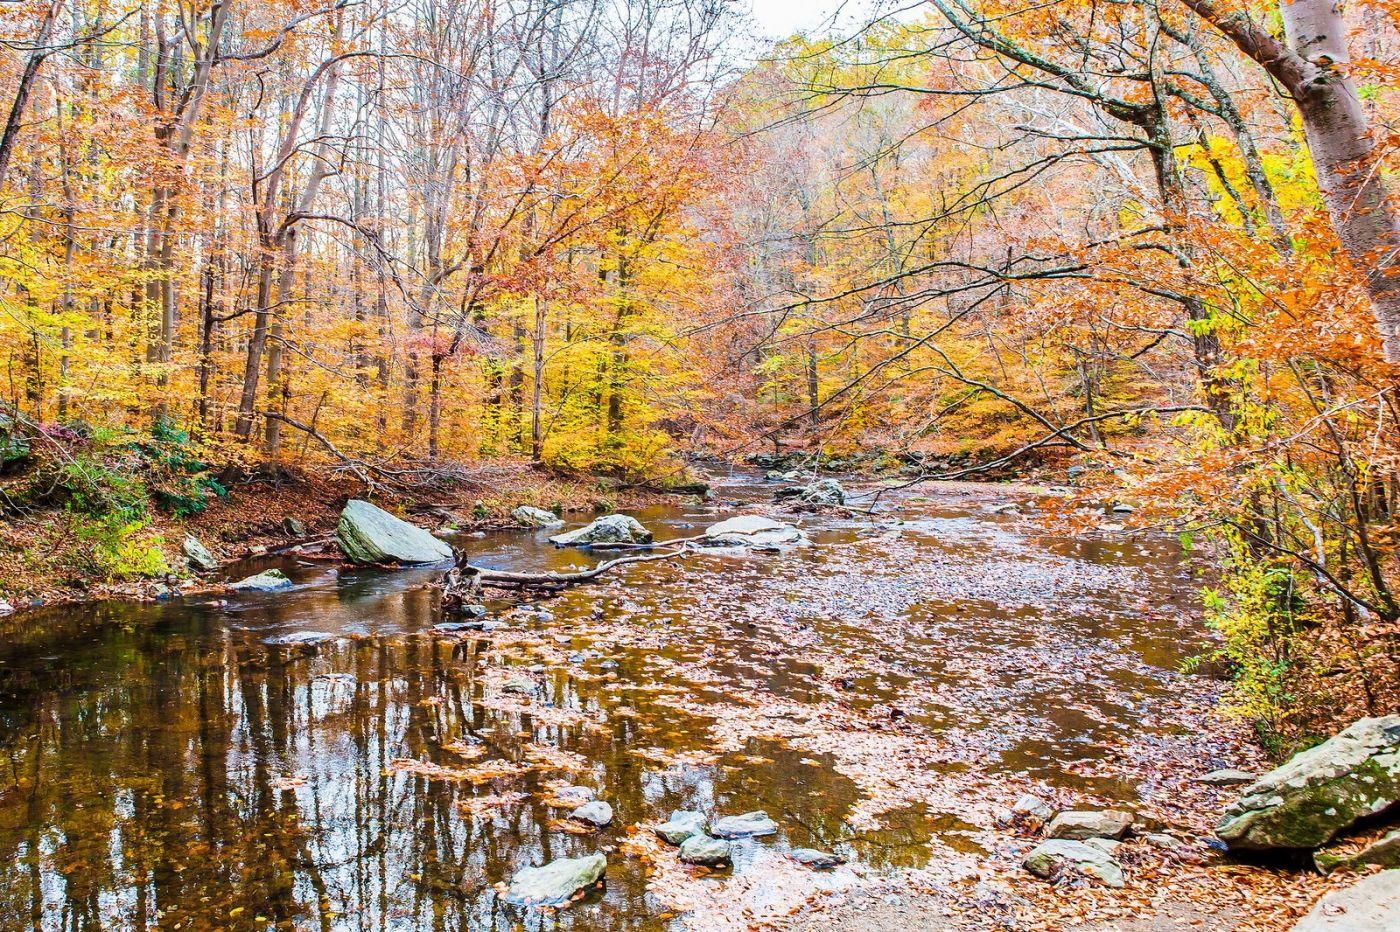 宾州雷德利克里克公园(Ridley creek park),迷人的秋色_图1-6